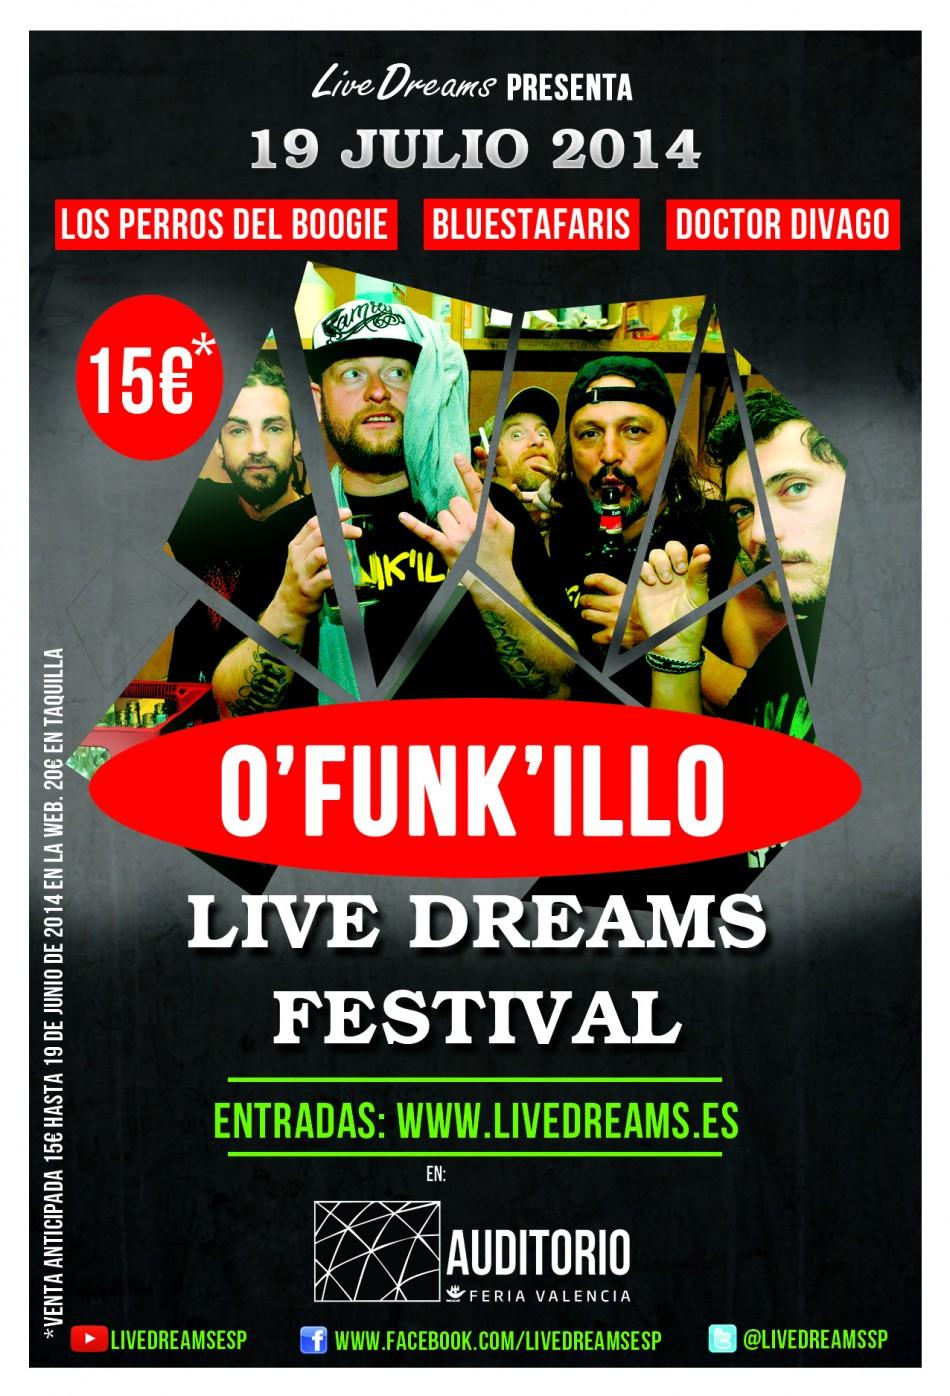 Nace Live Dreams Festival una nueva forma de organizar conciertos